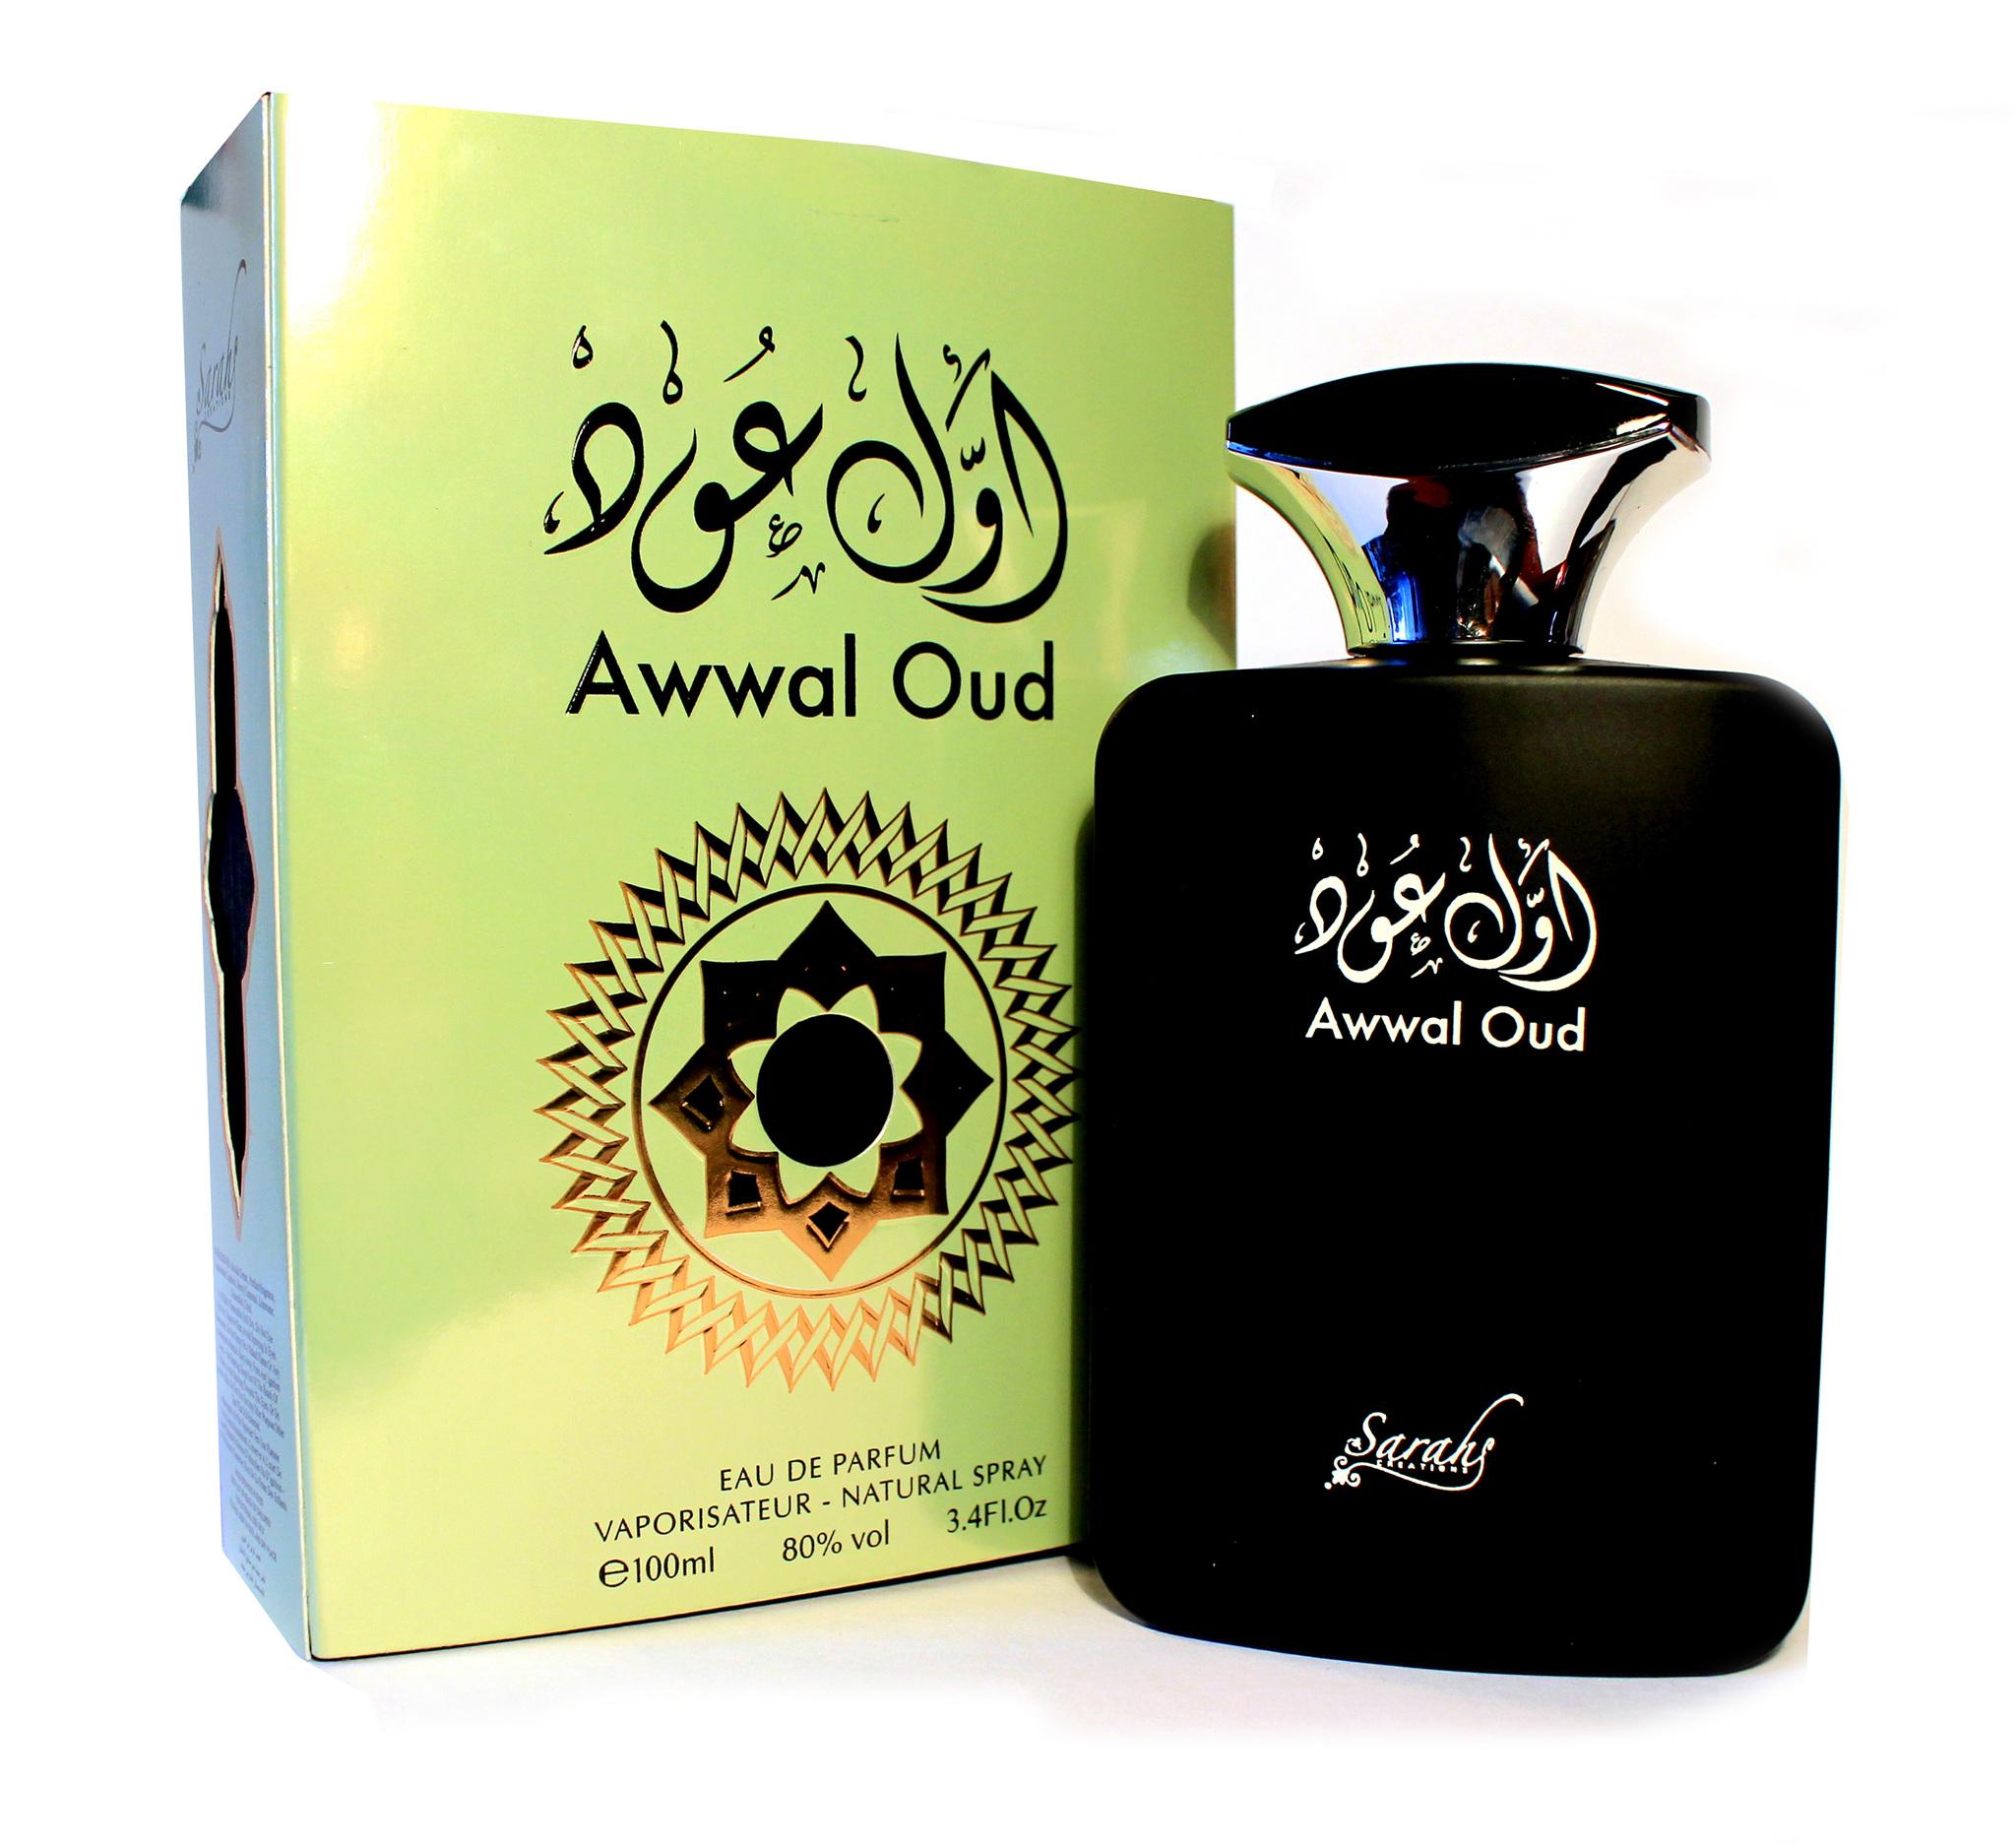 Awwal Oud авваль уд 100 мл спрей от май парфюмс My Perfumes купить